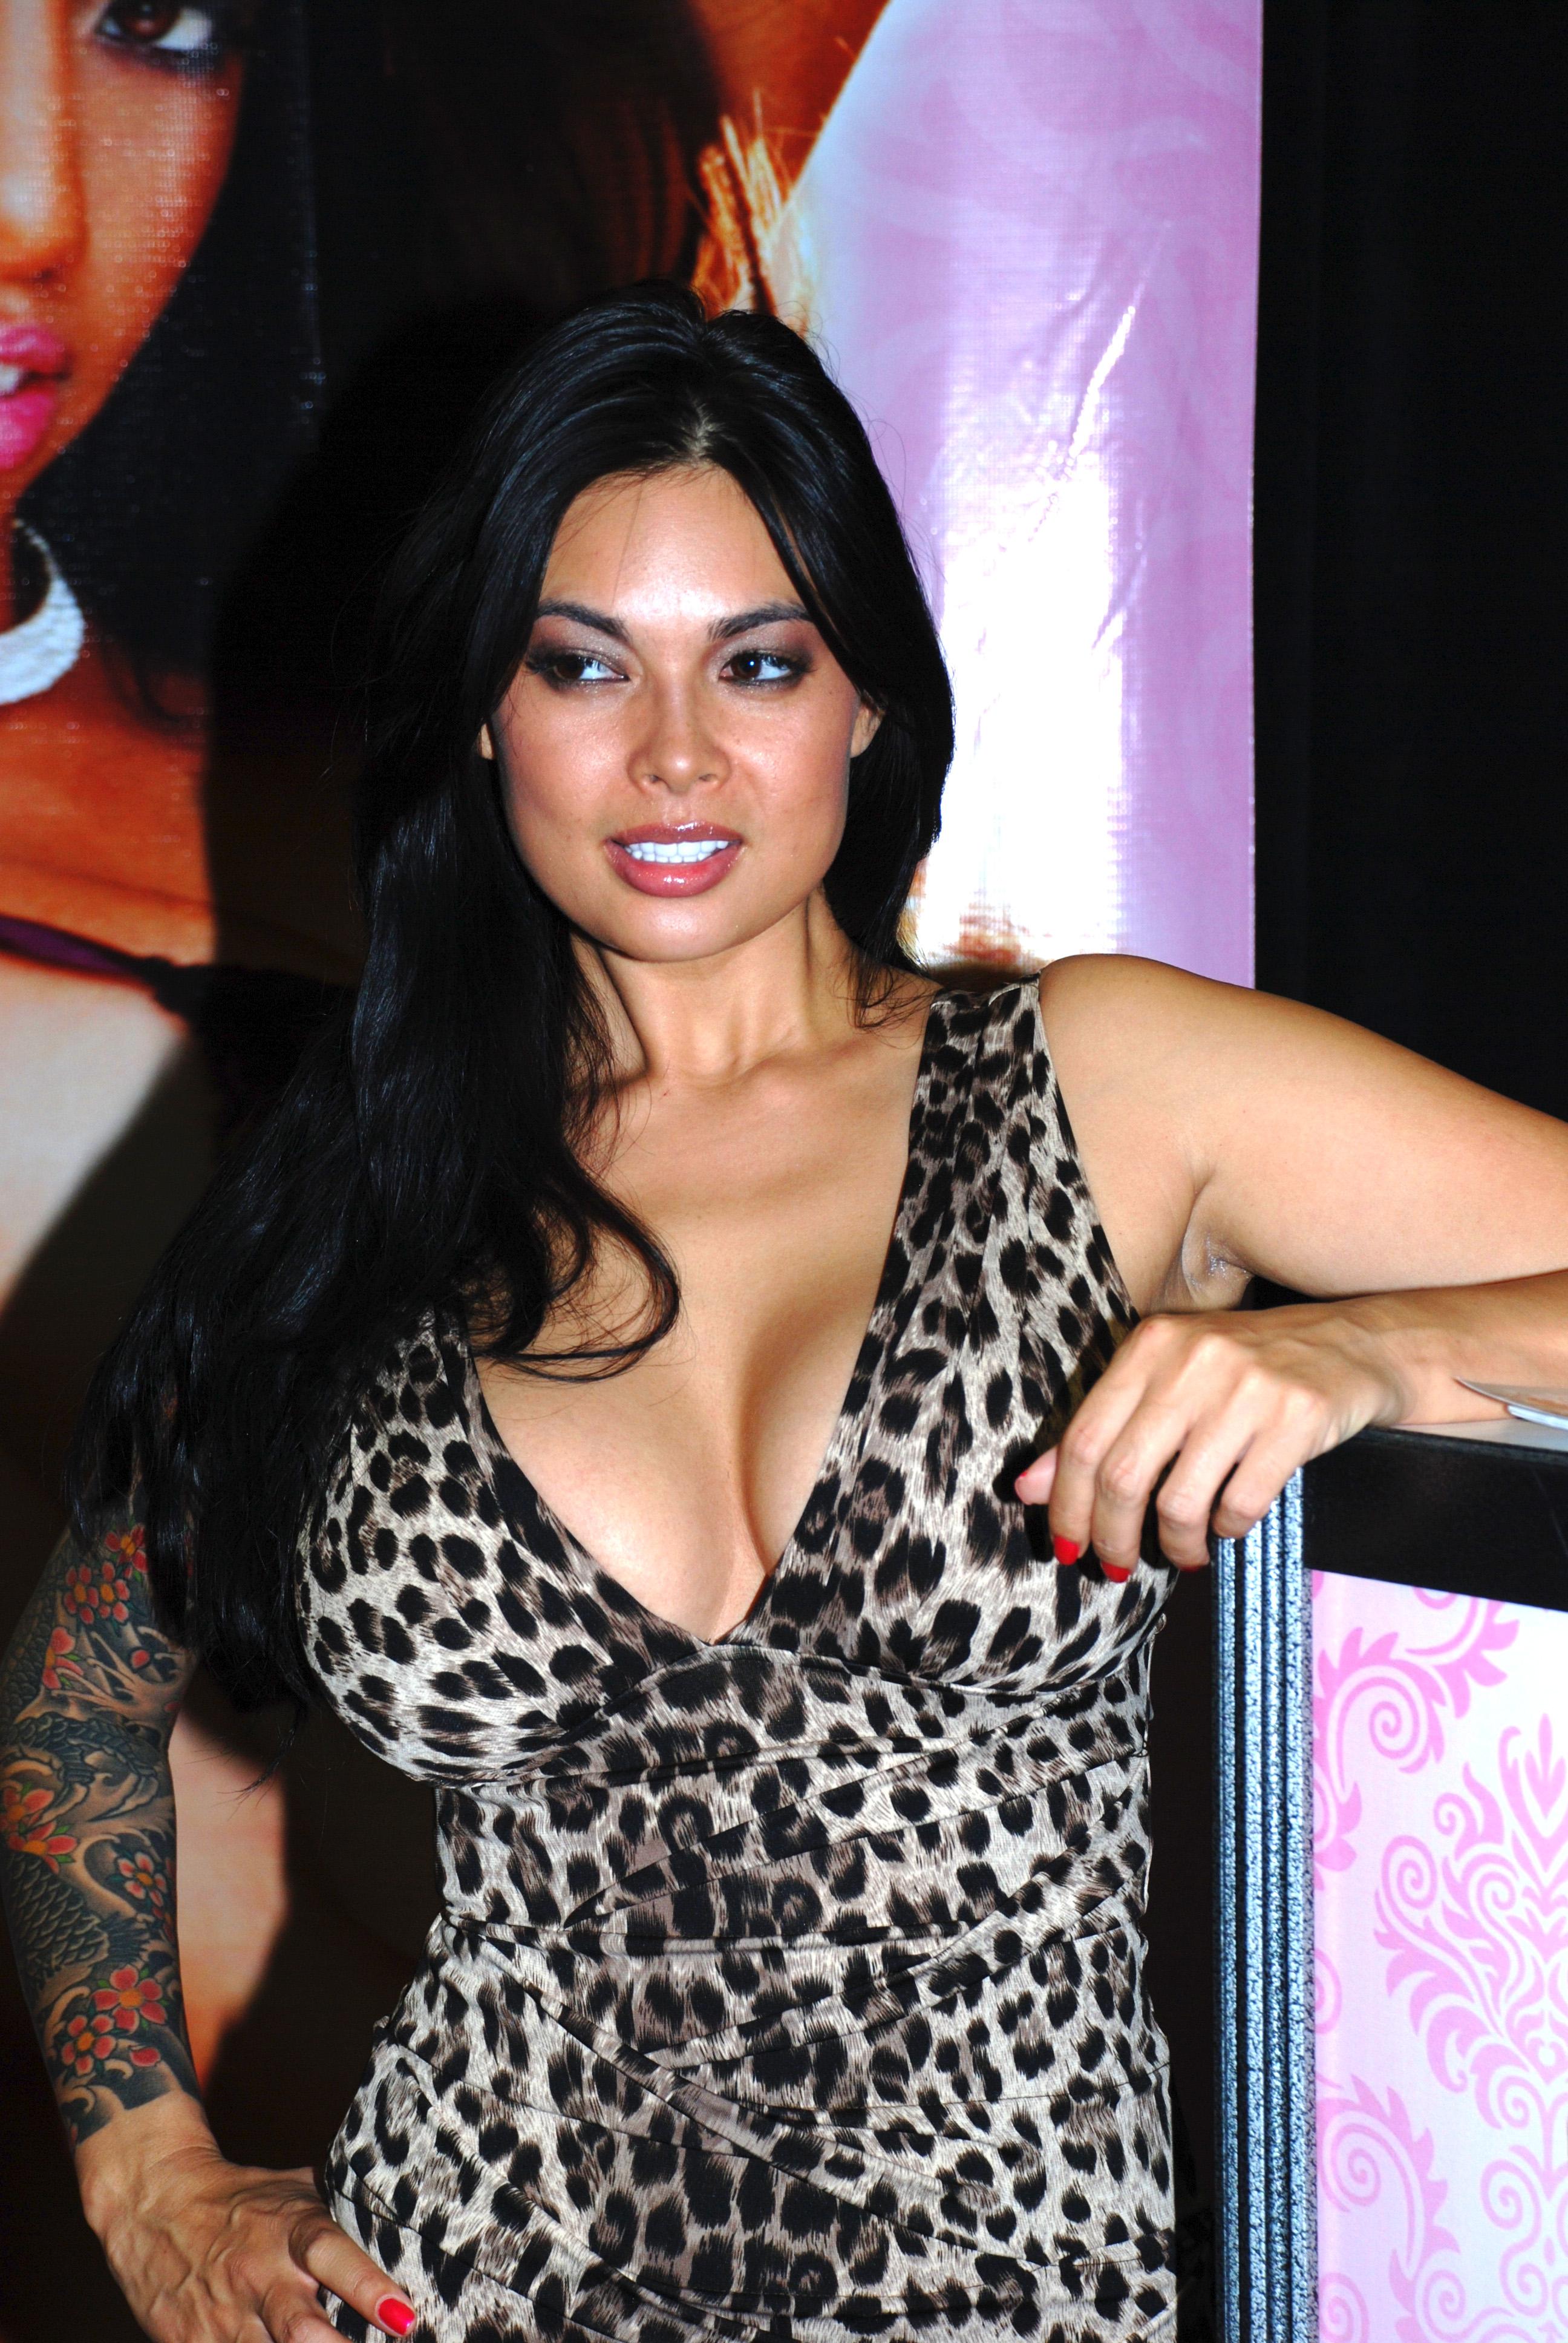 Nataly von midwest amateur | Hot images)